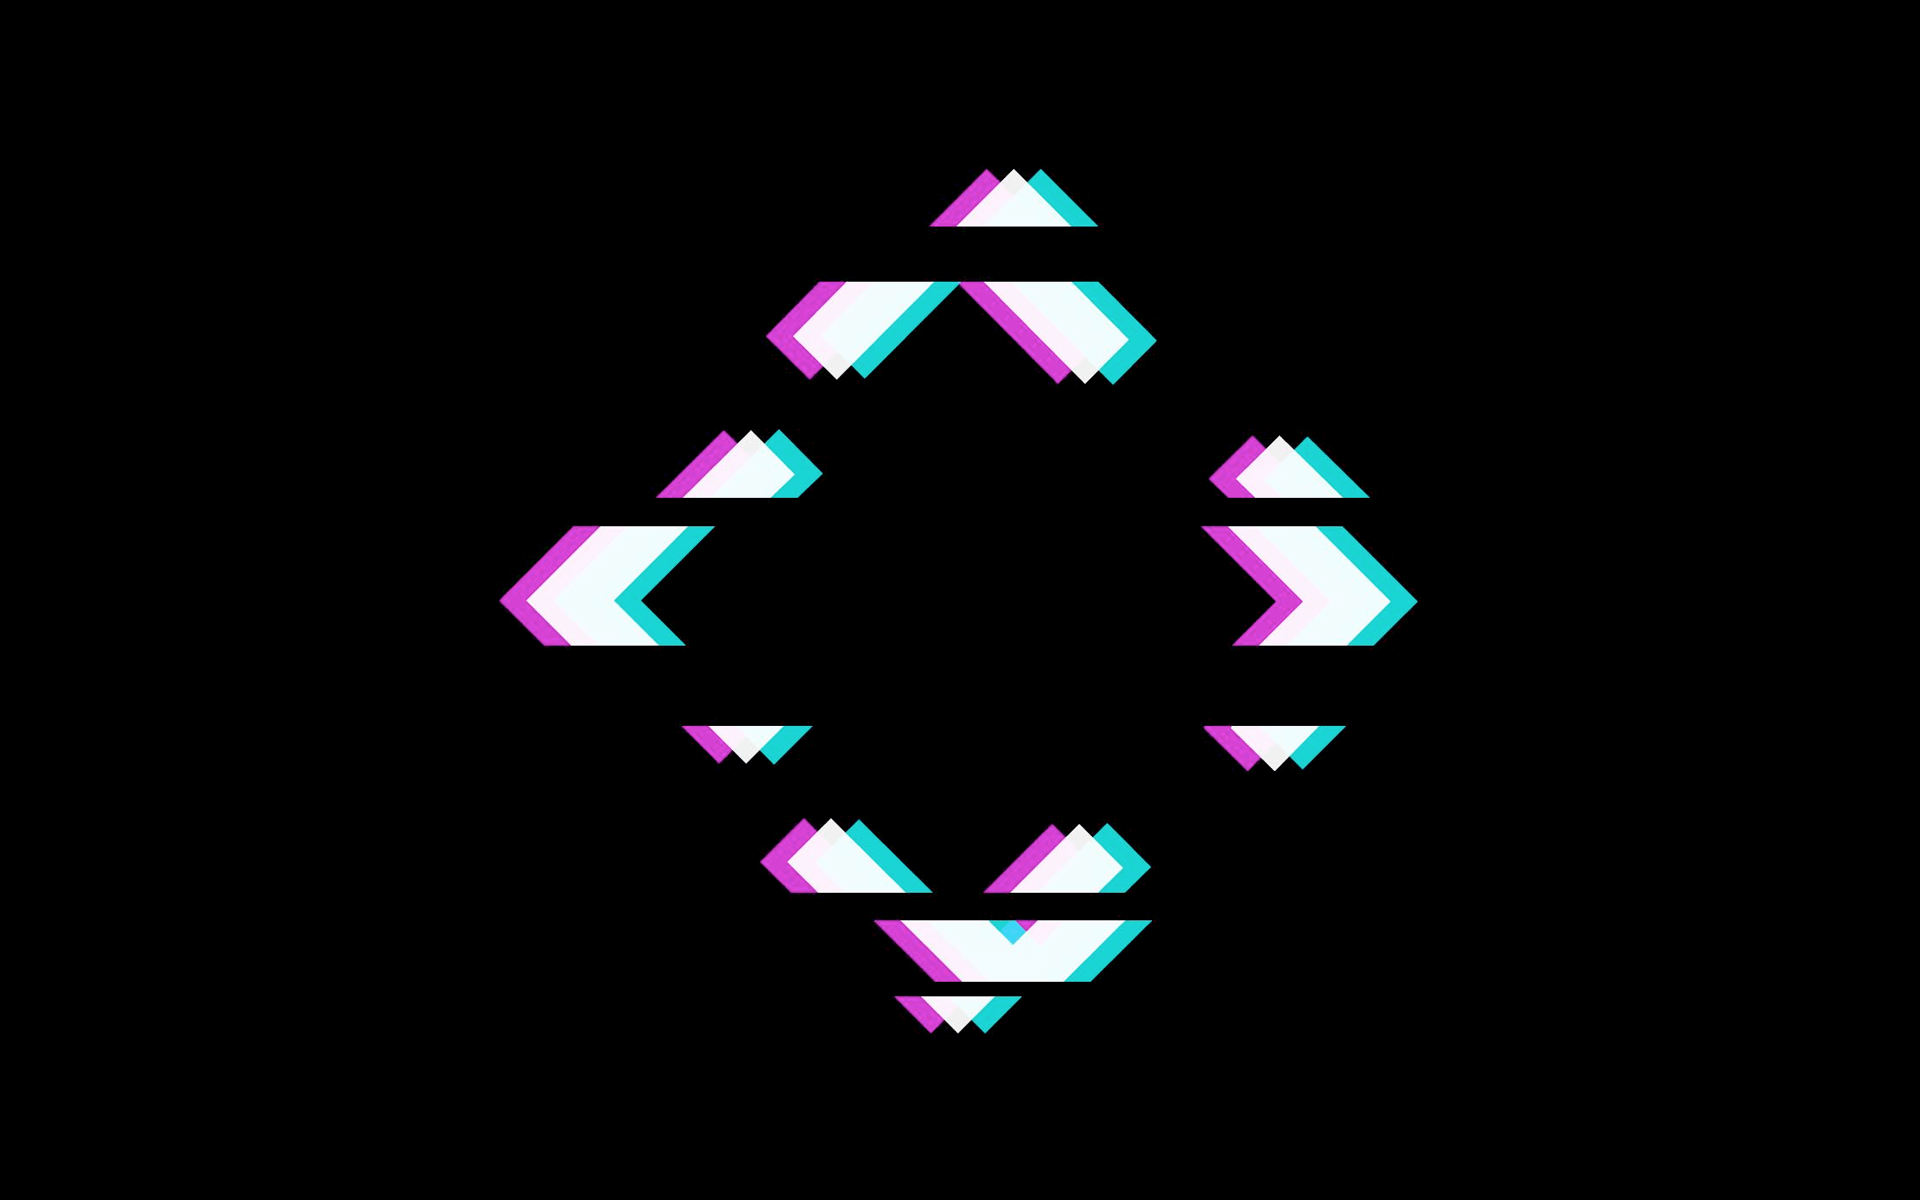 imagem do logo do anticast, um losango com apenas as pontas desfigurado em linhas horizontais